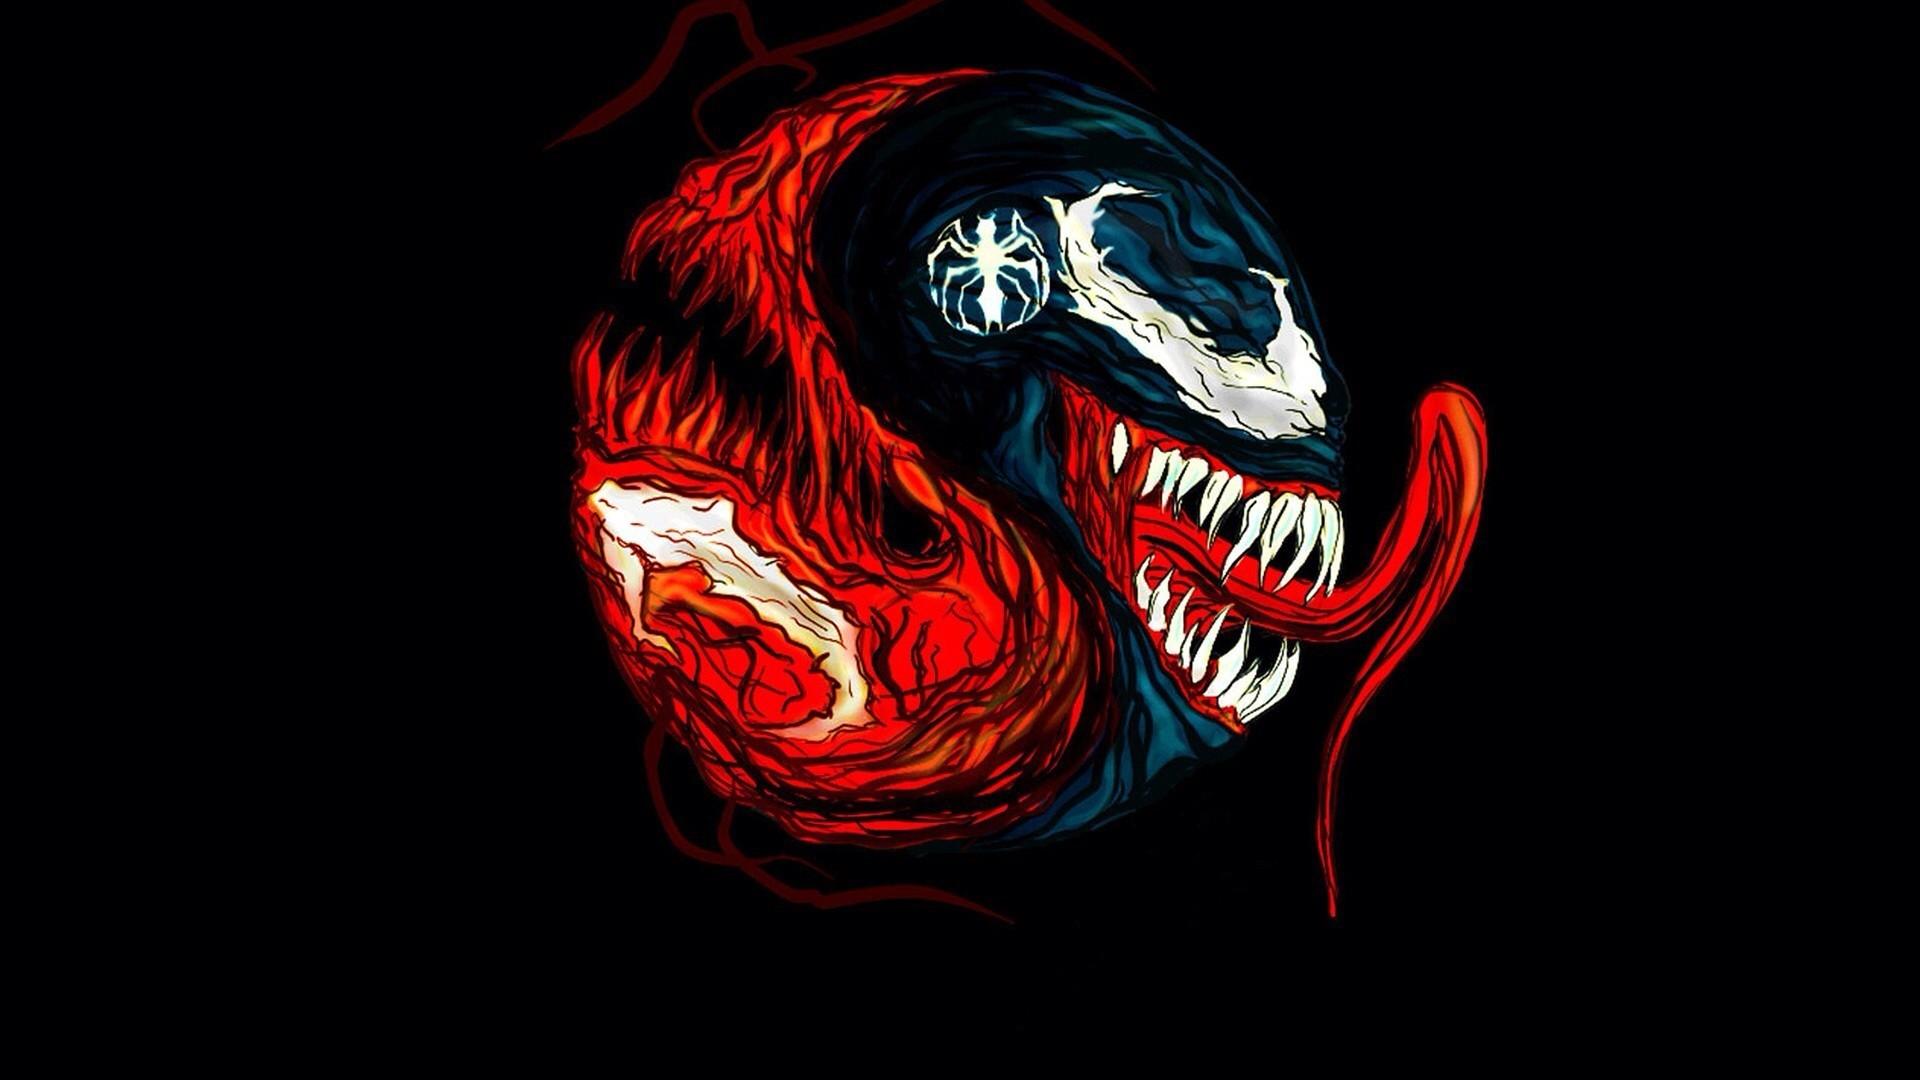 carnage-marvel-comics-widescreen-background-156335.jpg (800×500) | MARVEL /  Carnage | Pinterest | Marvel